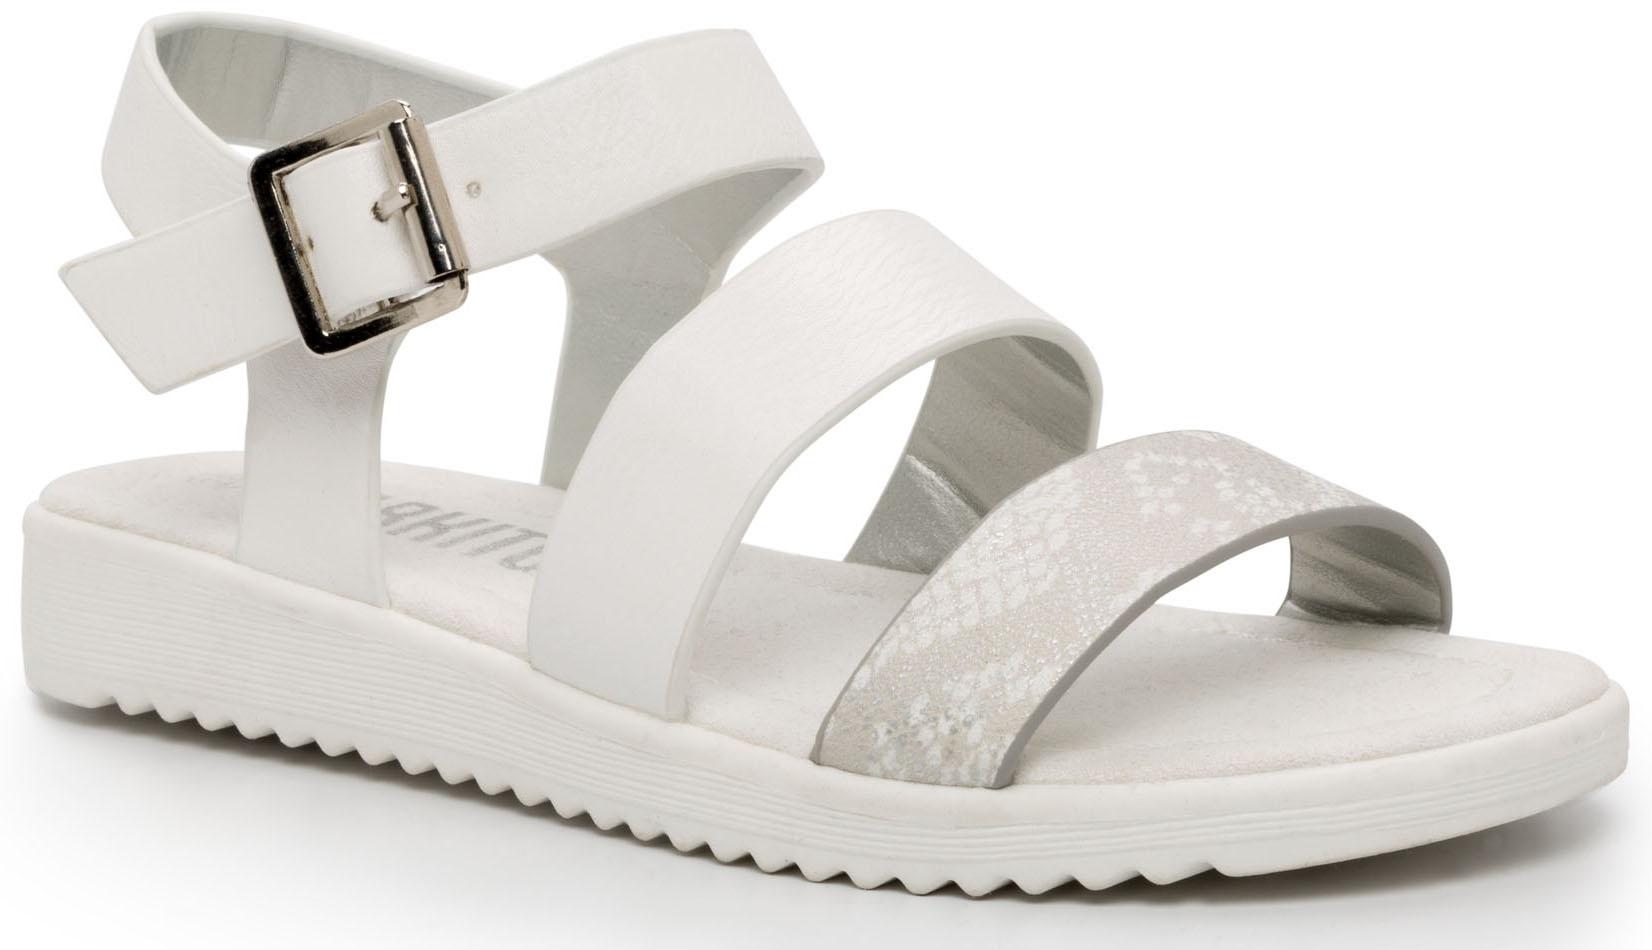 Босоножки Barkito Туфли летние ремешковые для девочки Barkito, белые цены онлайн